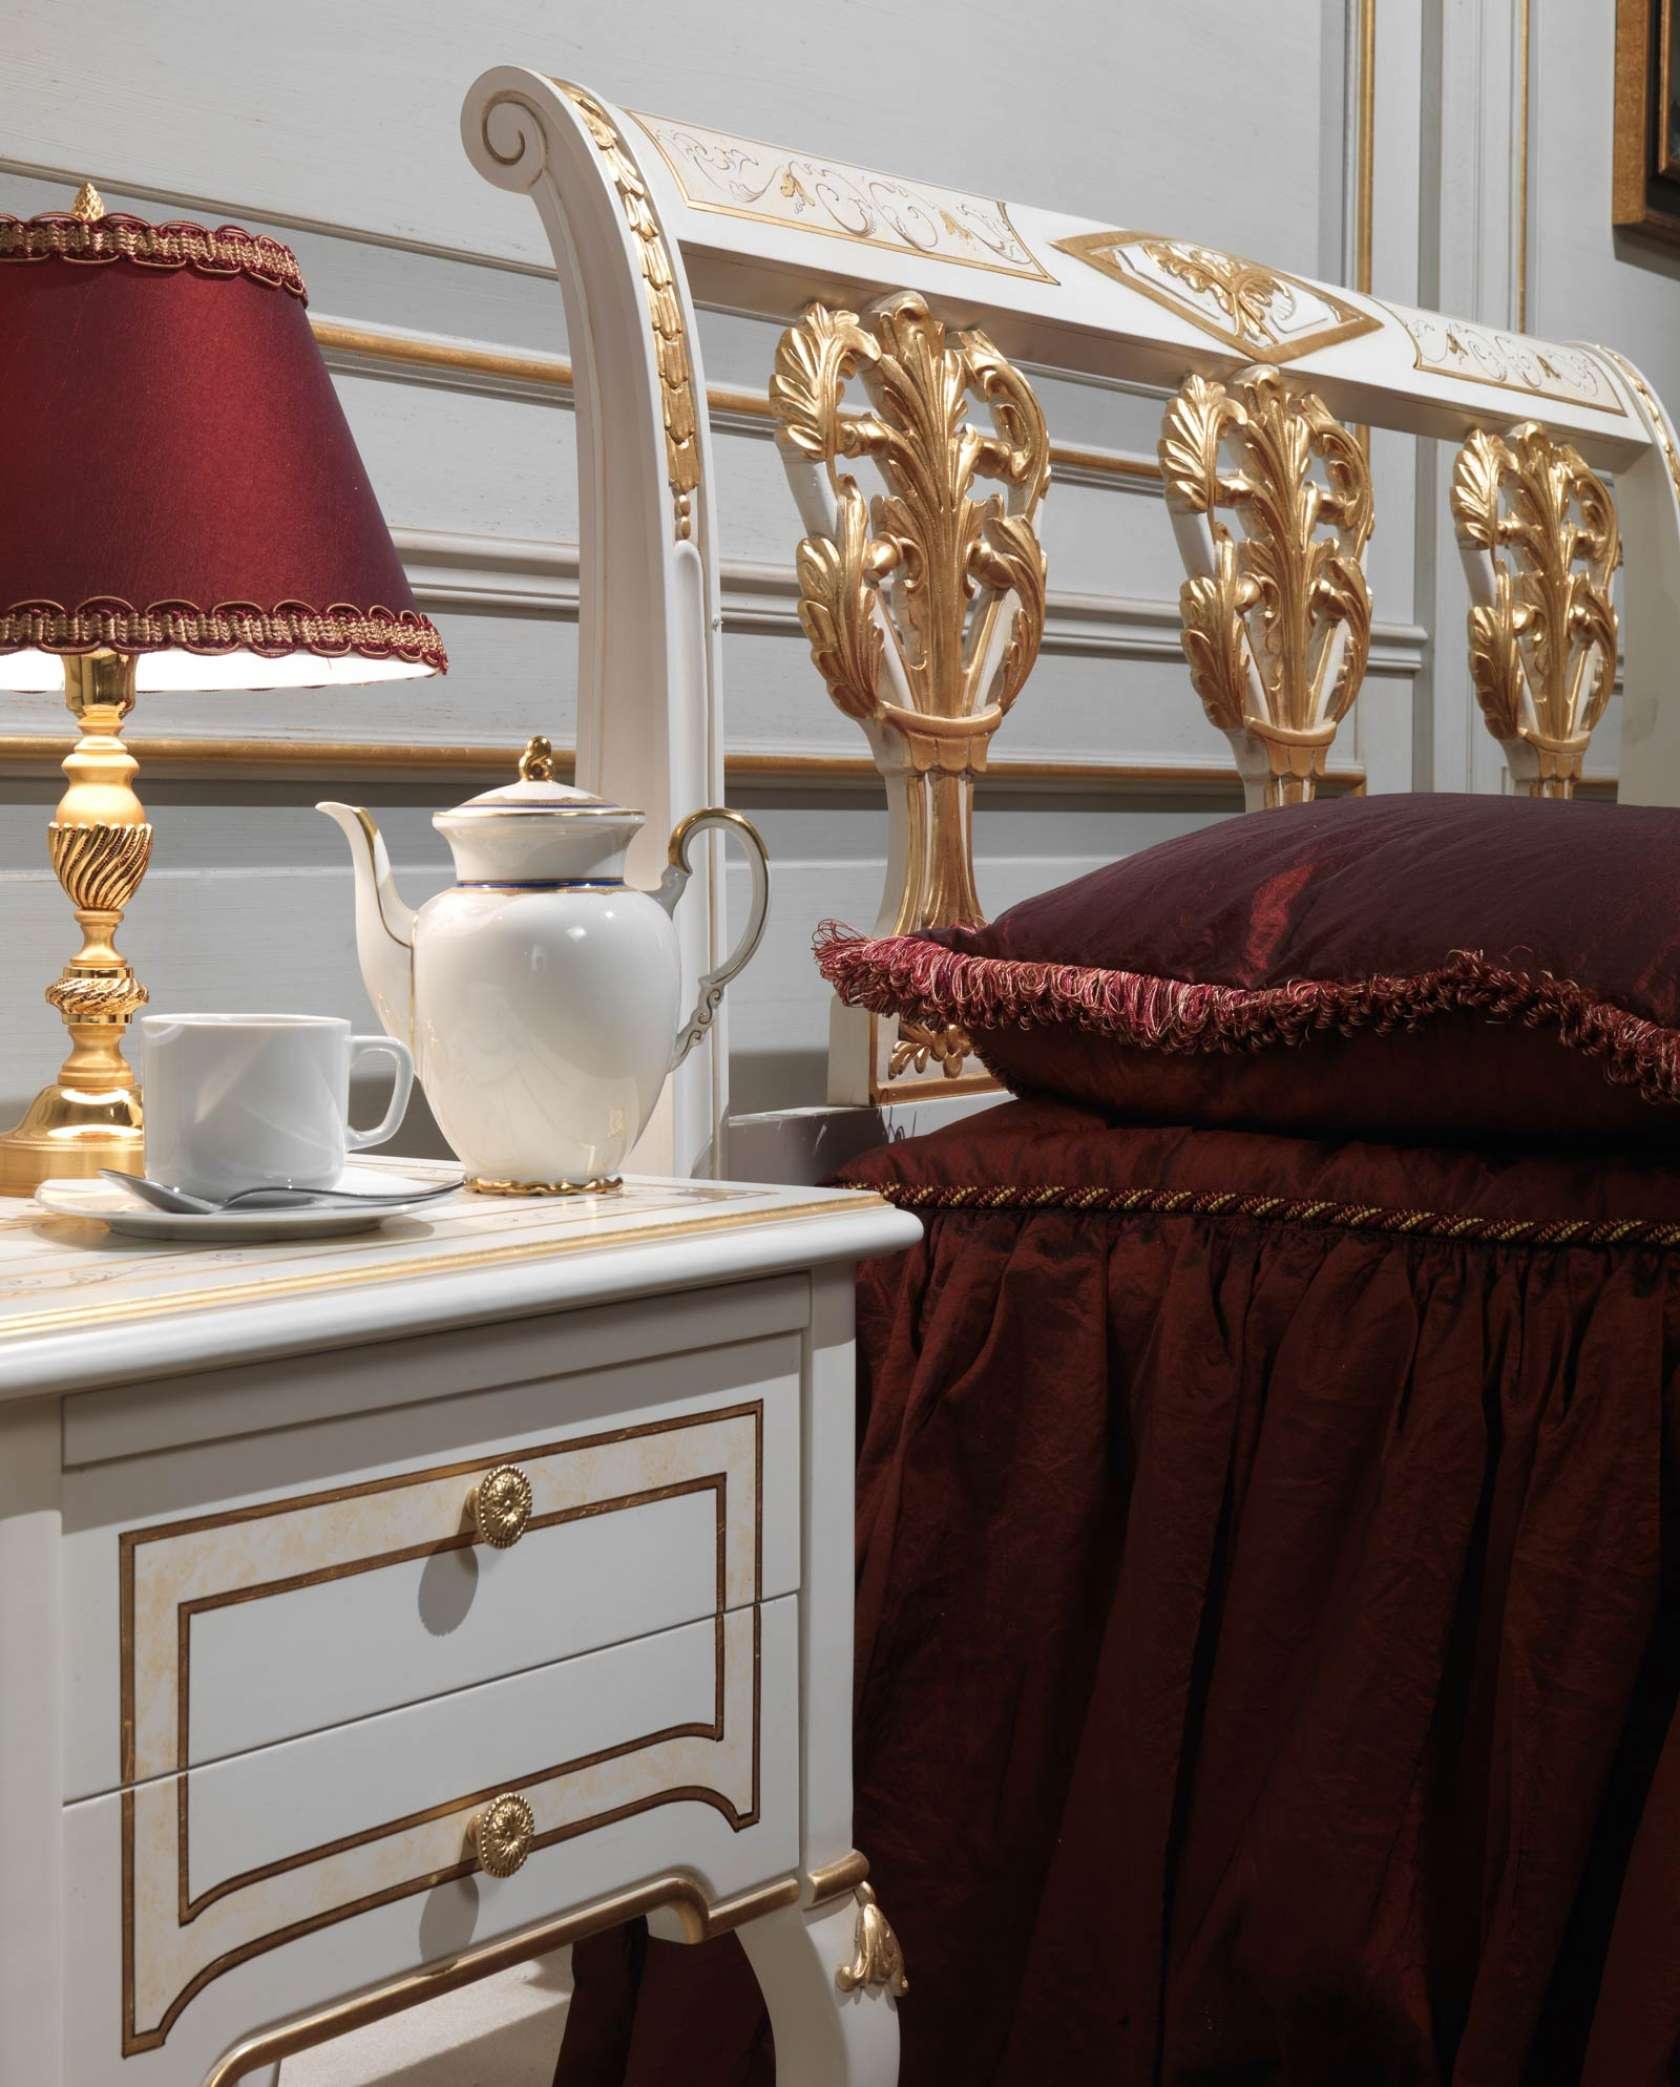 Camera da letto classica Rubens in stile 700 francese, letto e ...